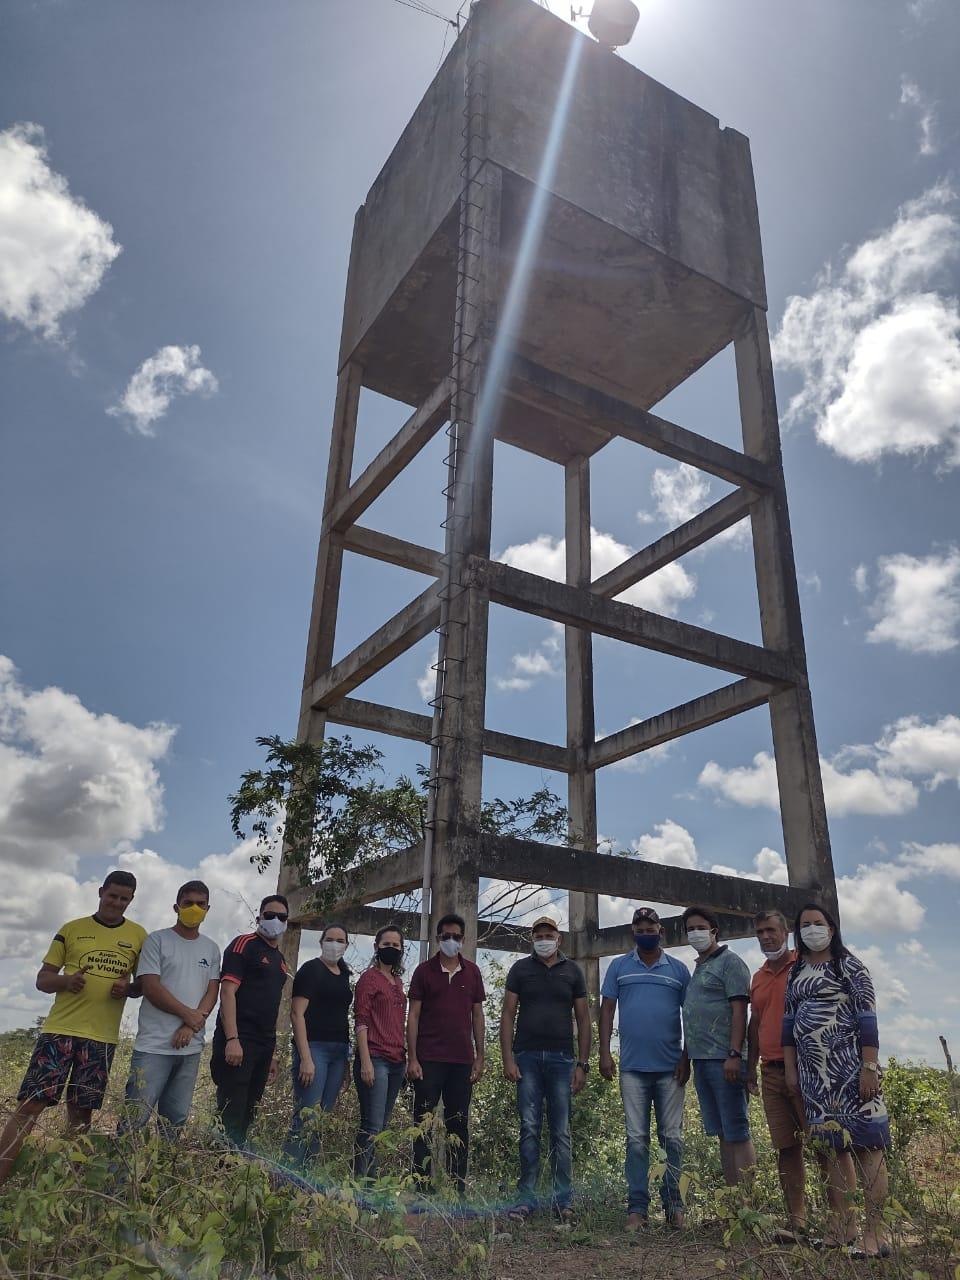 Prefeita Josilda Macena visitou caixa d'água do assentamento Maria Preta e avaliou possibilidade de utiliza-la